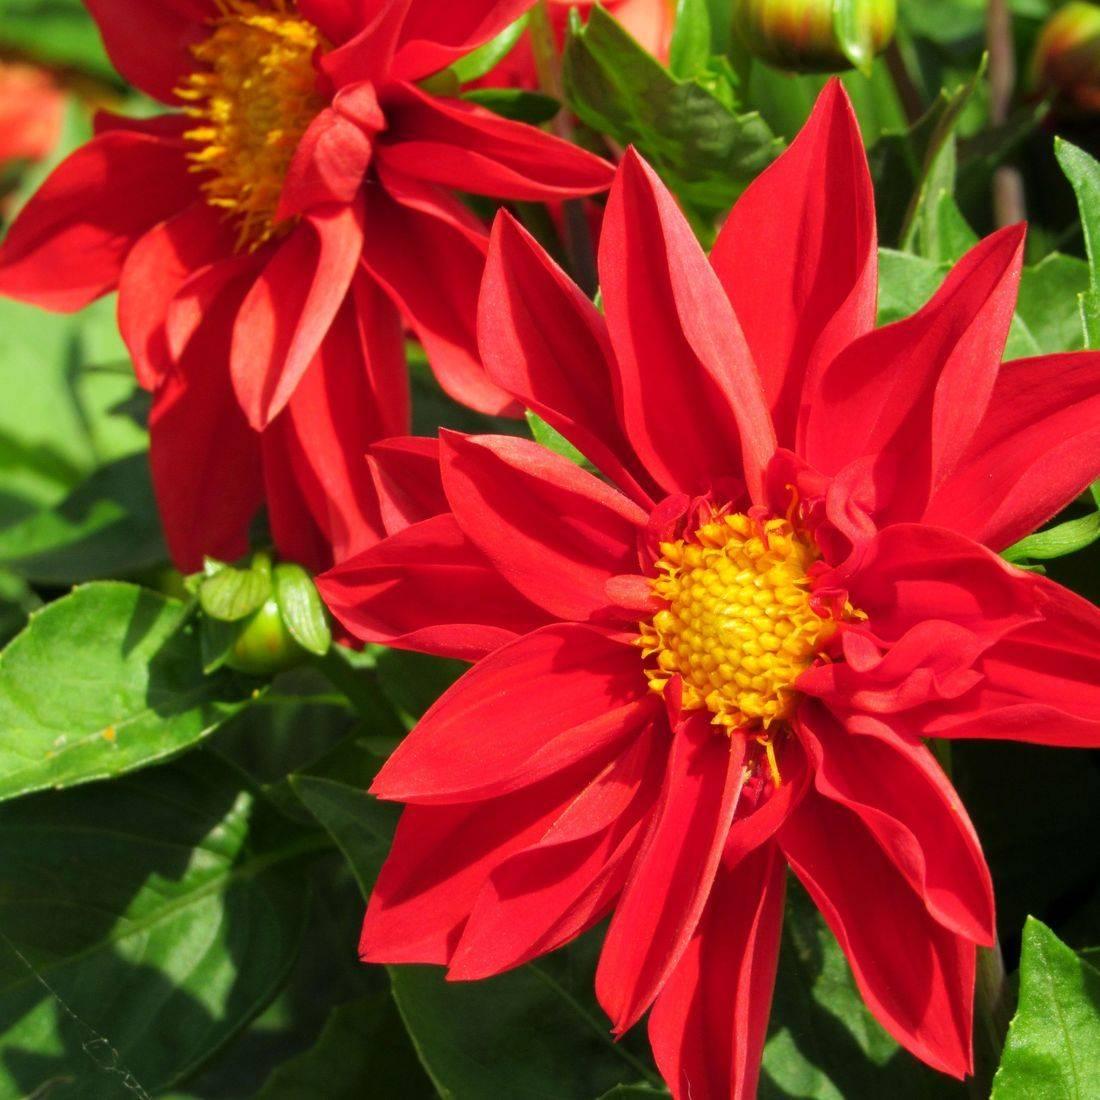 Flowers, Floral, Plants, Garden